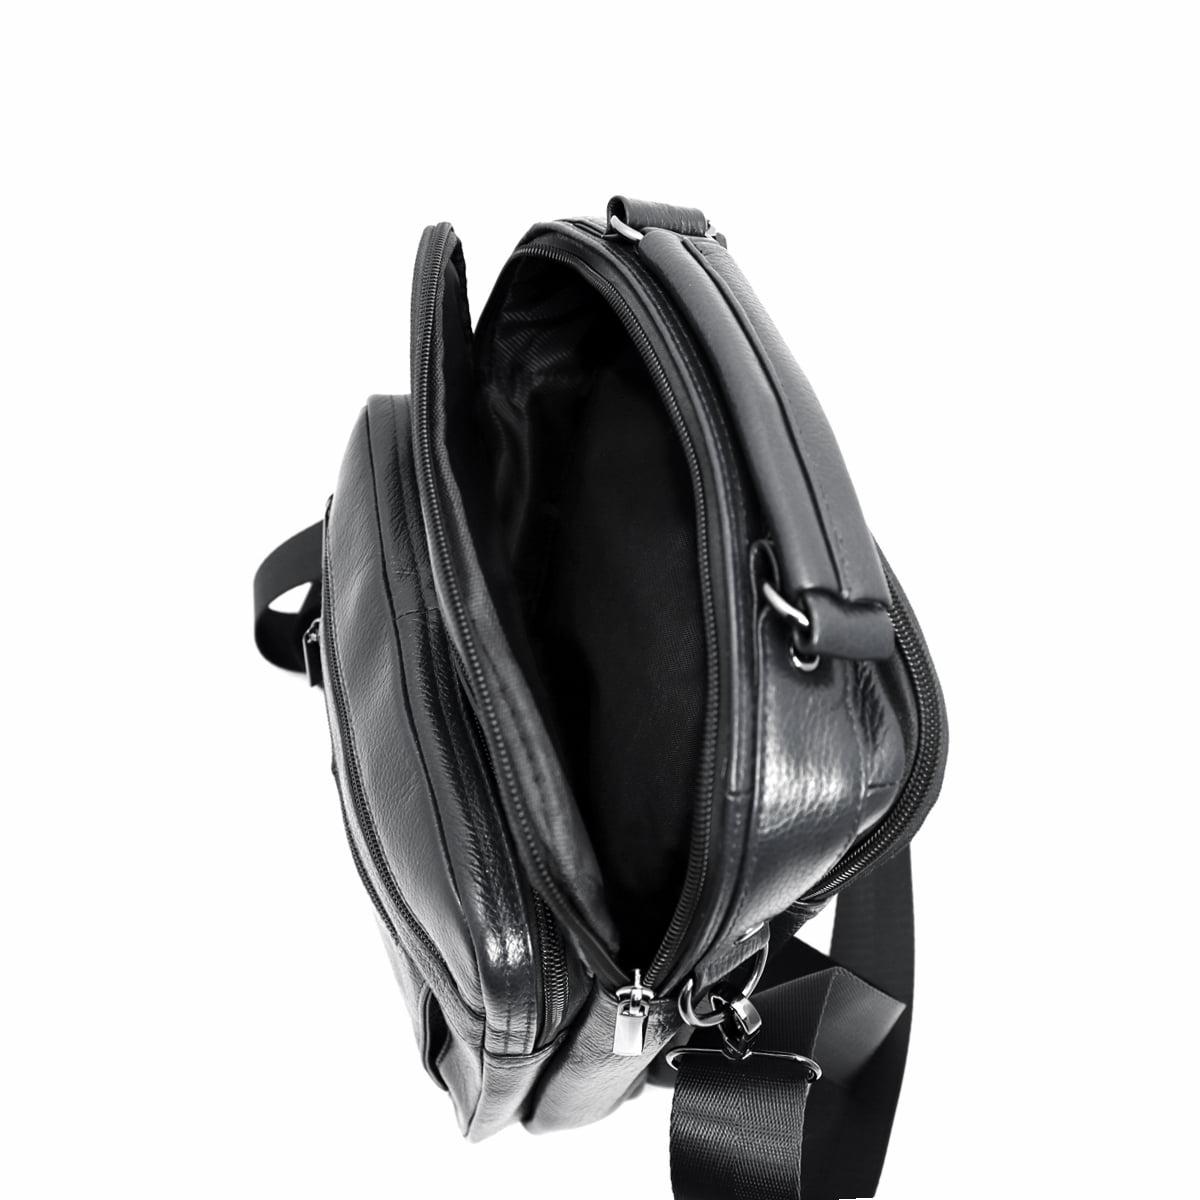 Geanta din piele naturala de mana si umar, Magrot 7057,,culoare negru